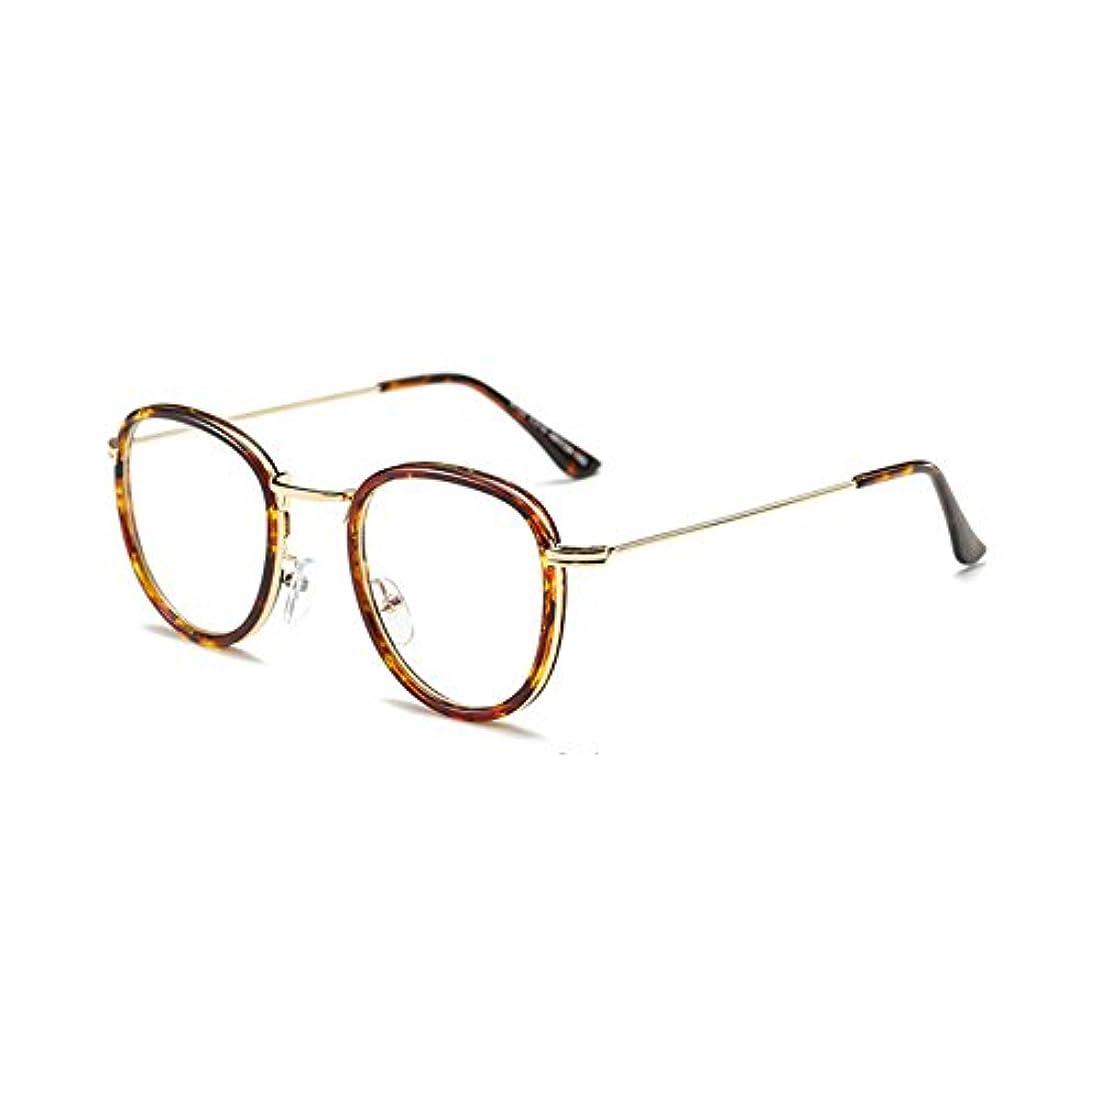 演じる等価有力者Fuyingda 新しいファッション非円形のフレームメガネ ファッションメガネなしのフルフレーム 普遍的な男性と女性